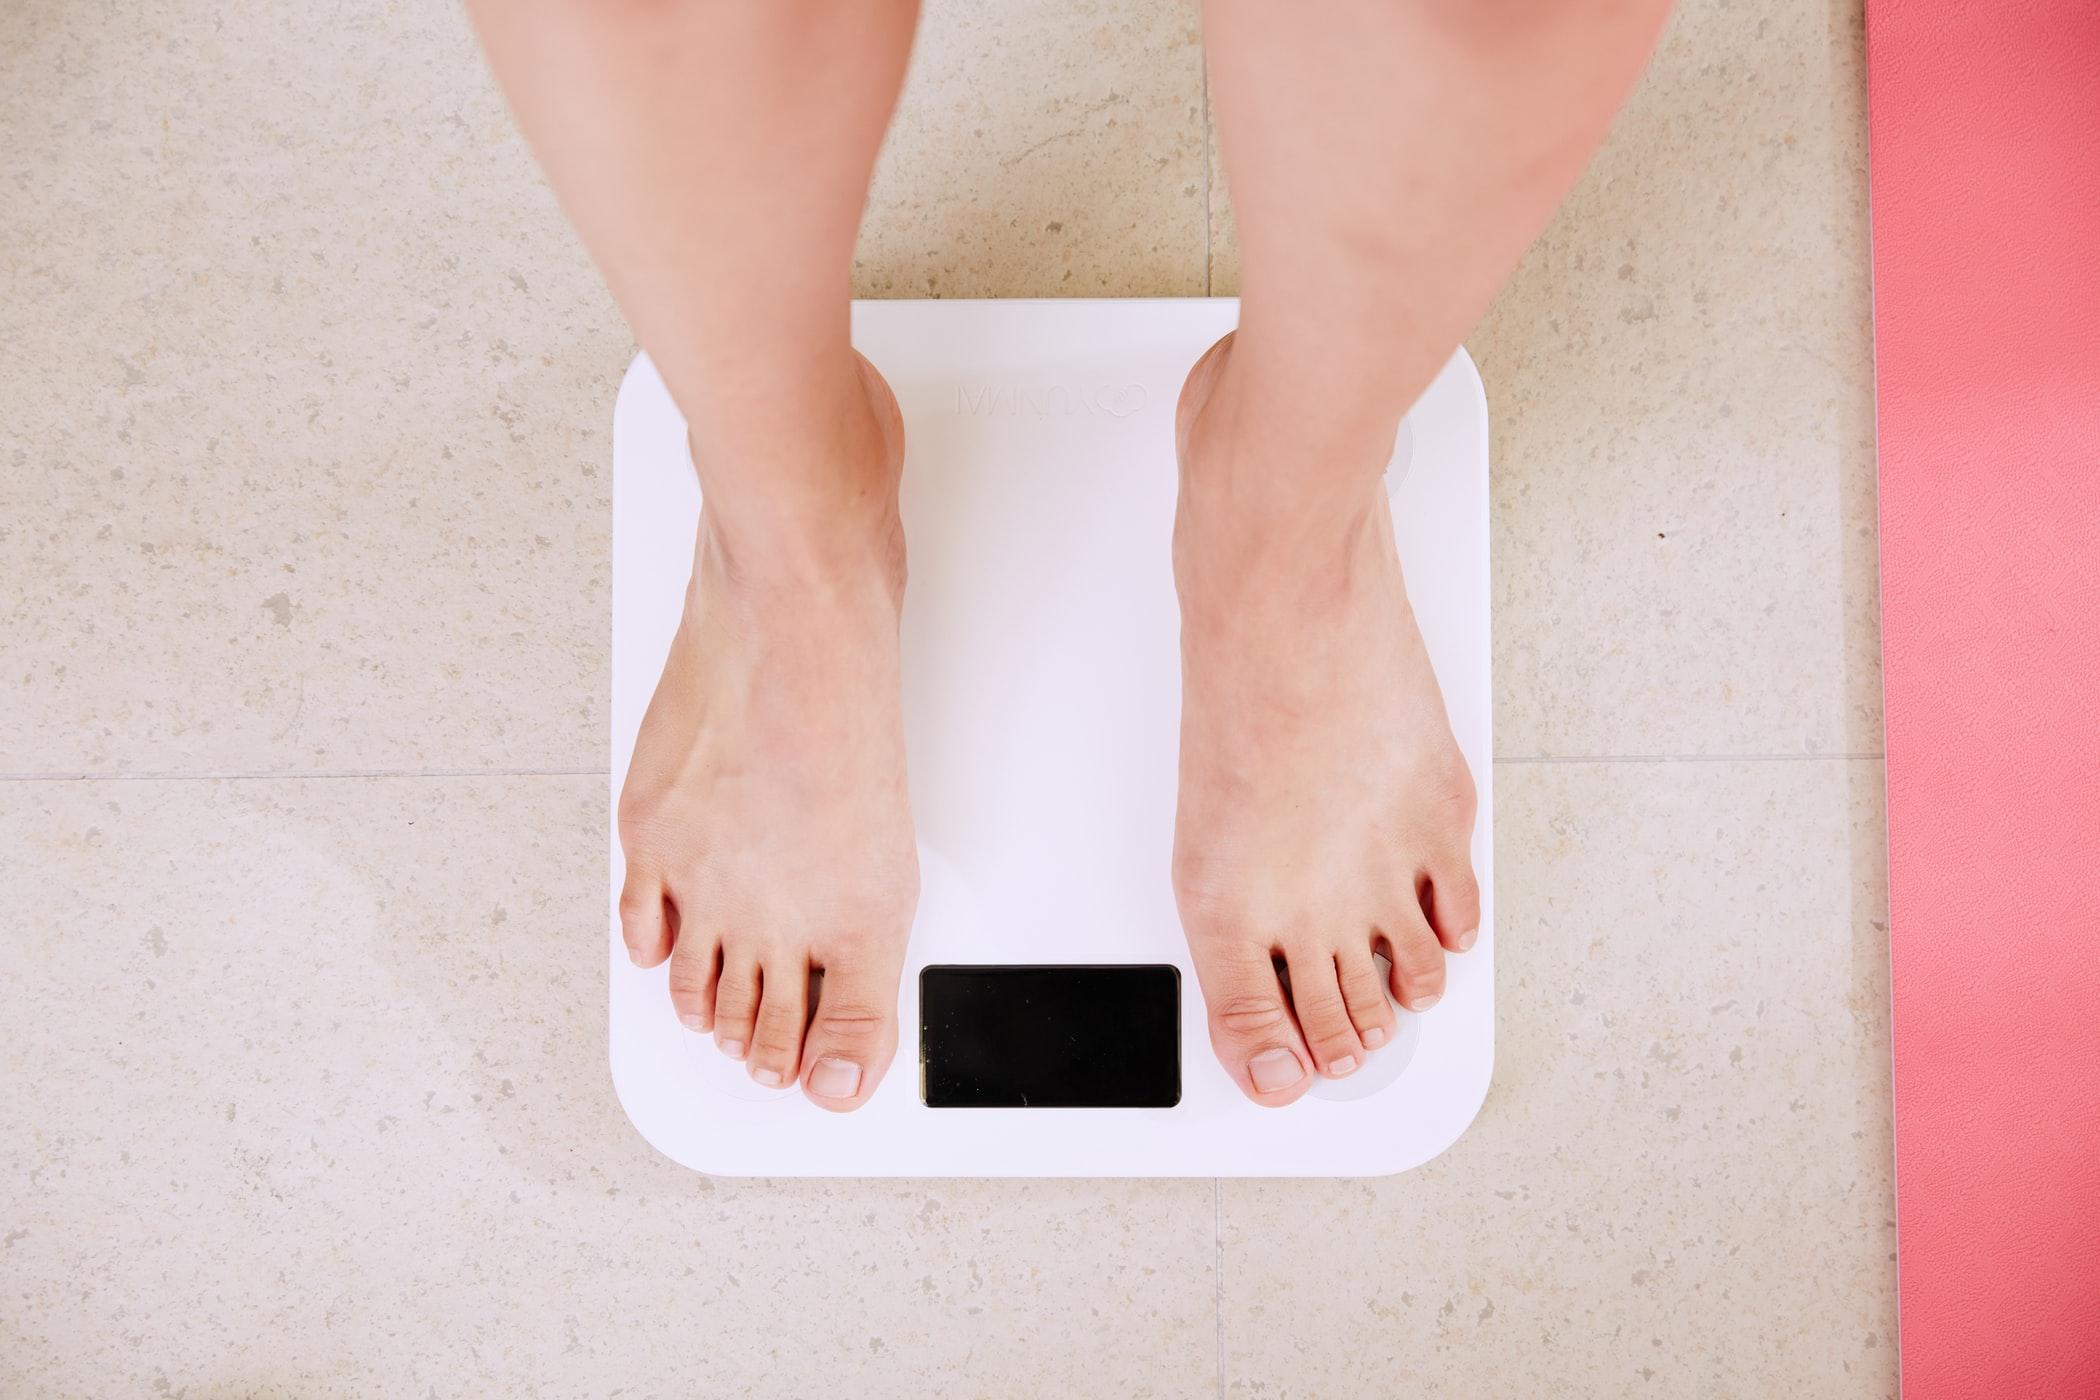 アンダーカロリーで筋肉って絶対増えない?